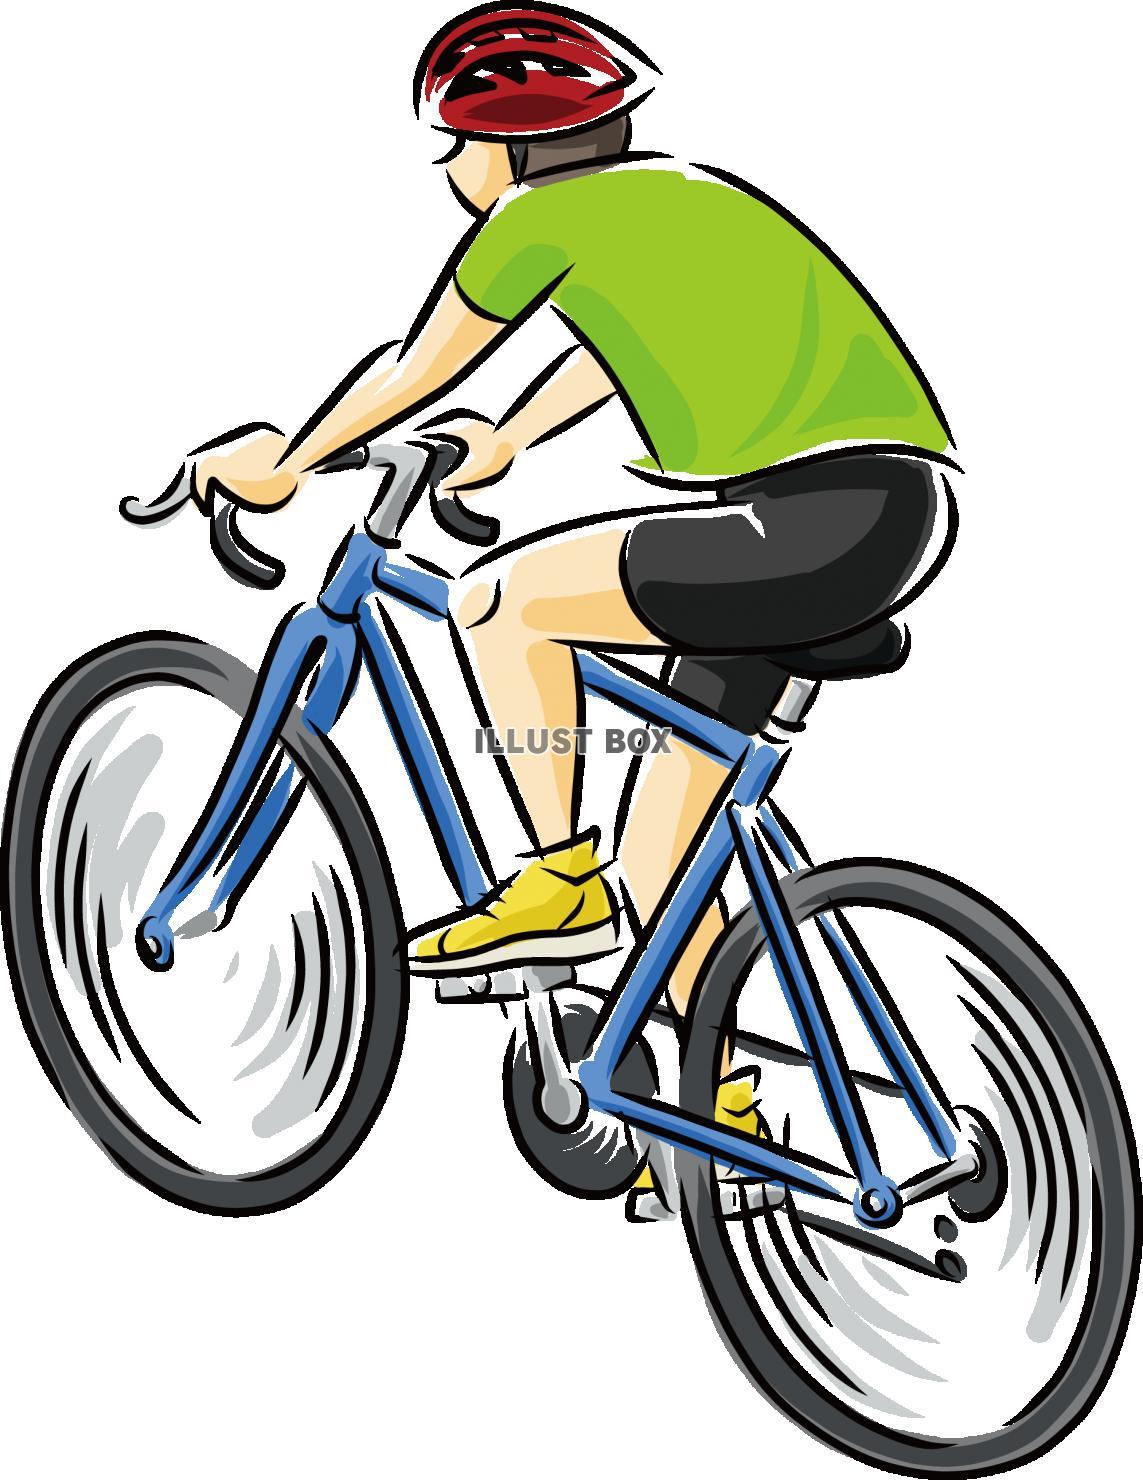 無料イラスト ロードバイク 自転車